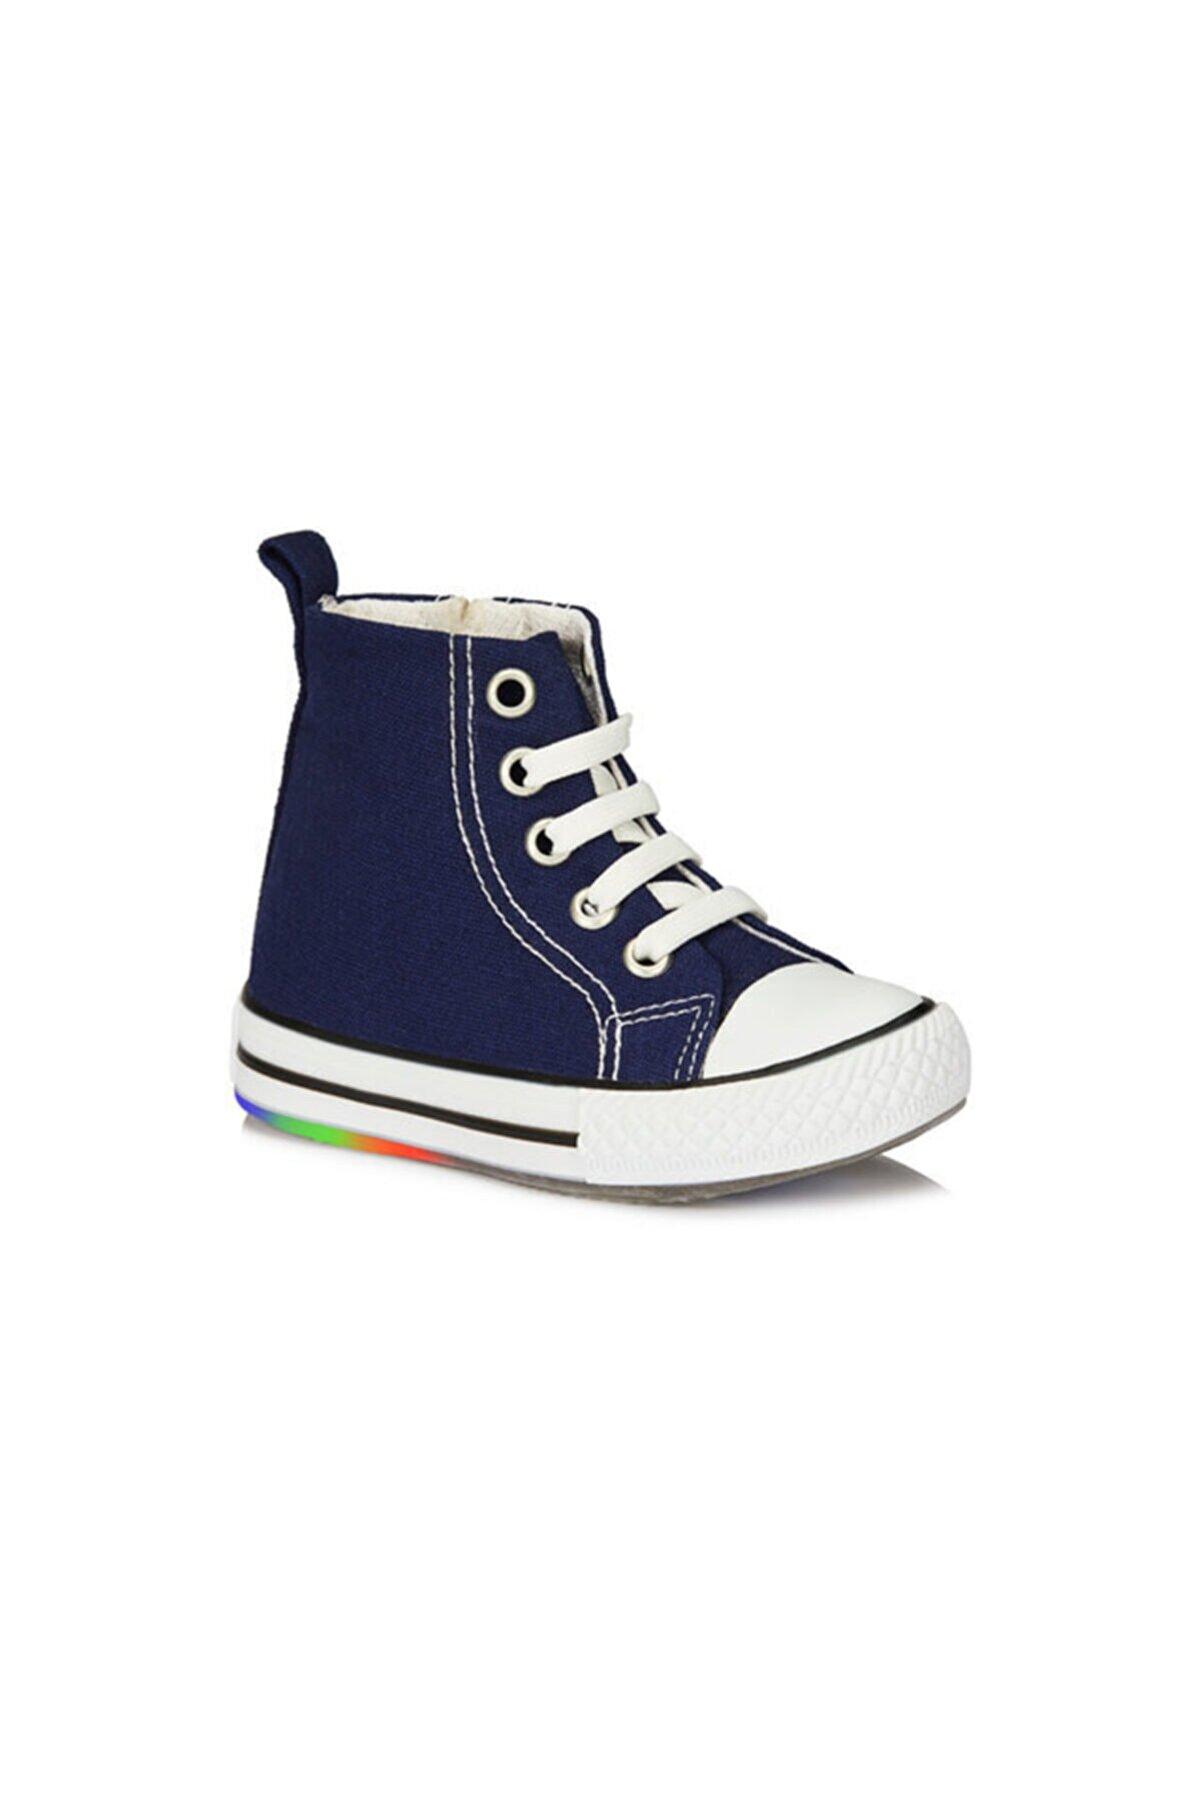 Vicco Punto Bebe Işıklı Keten Ayakkabı